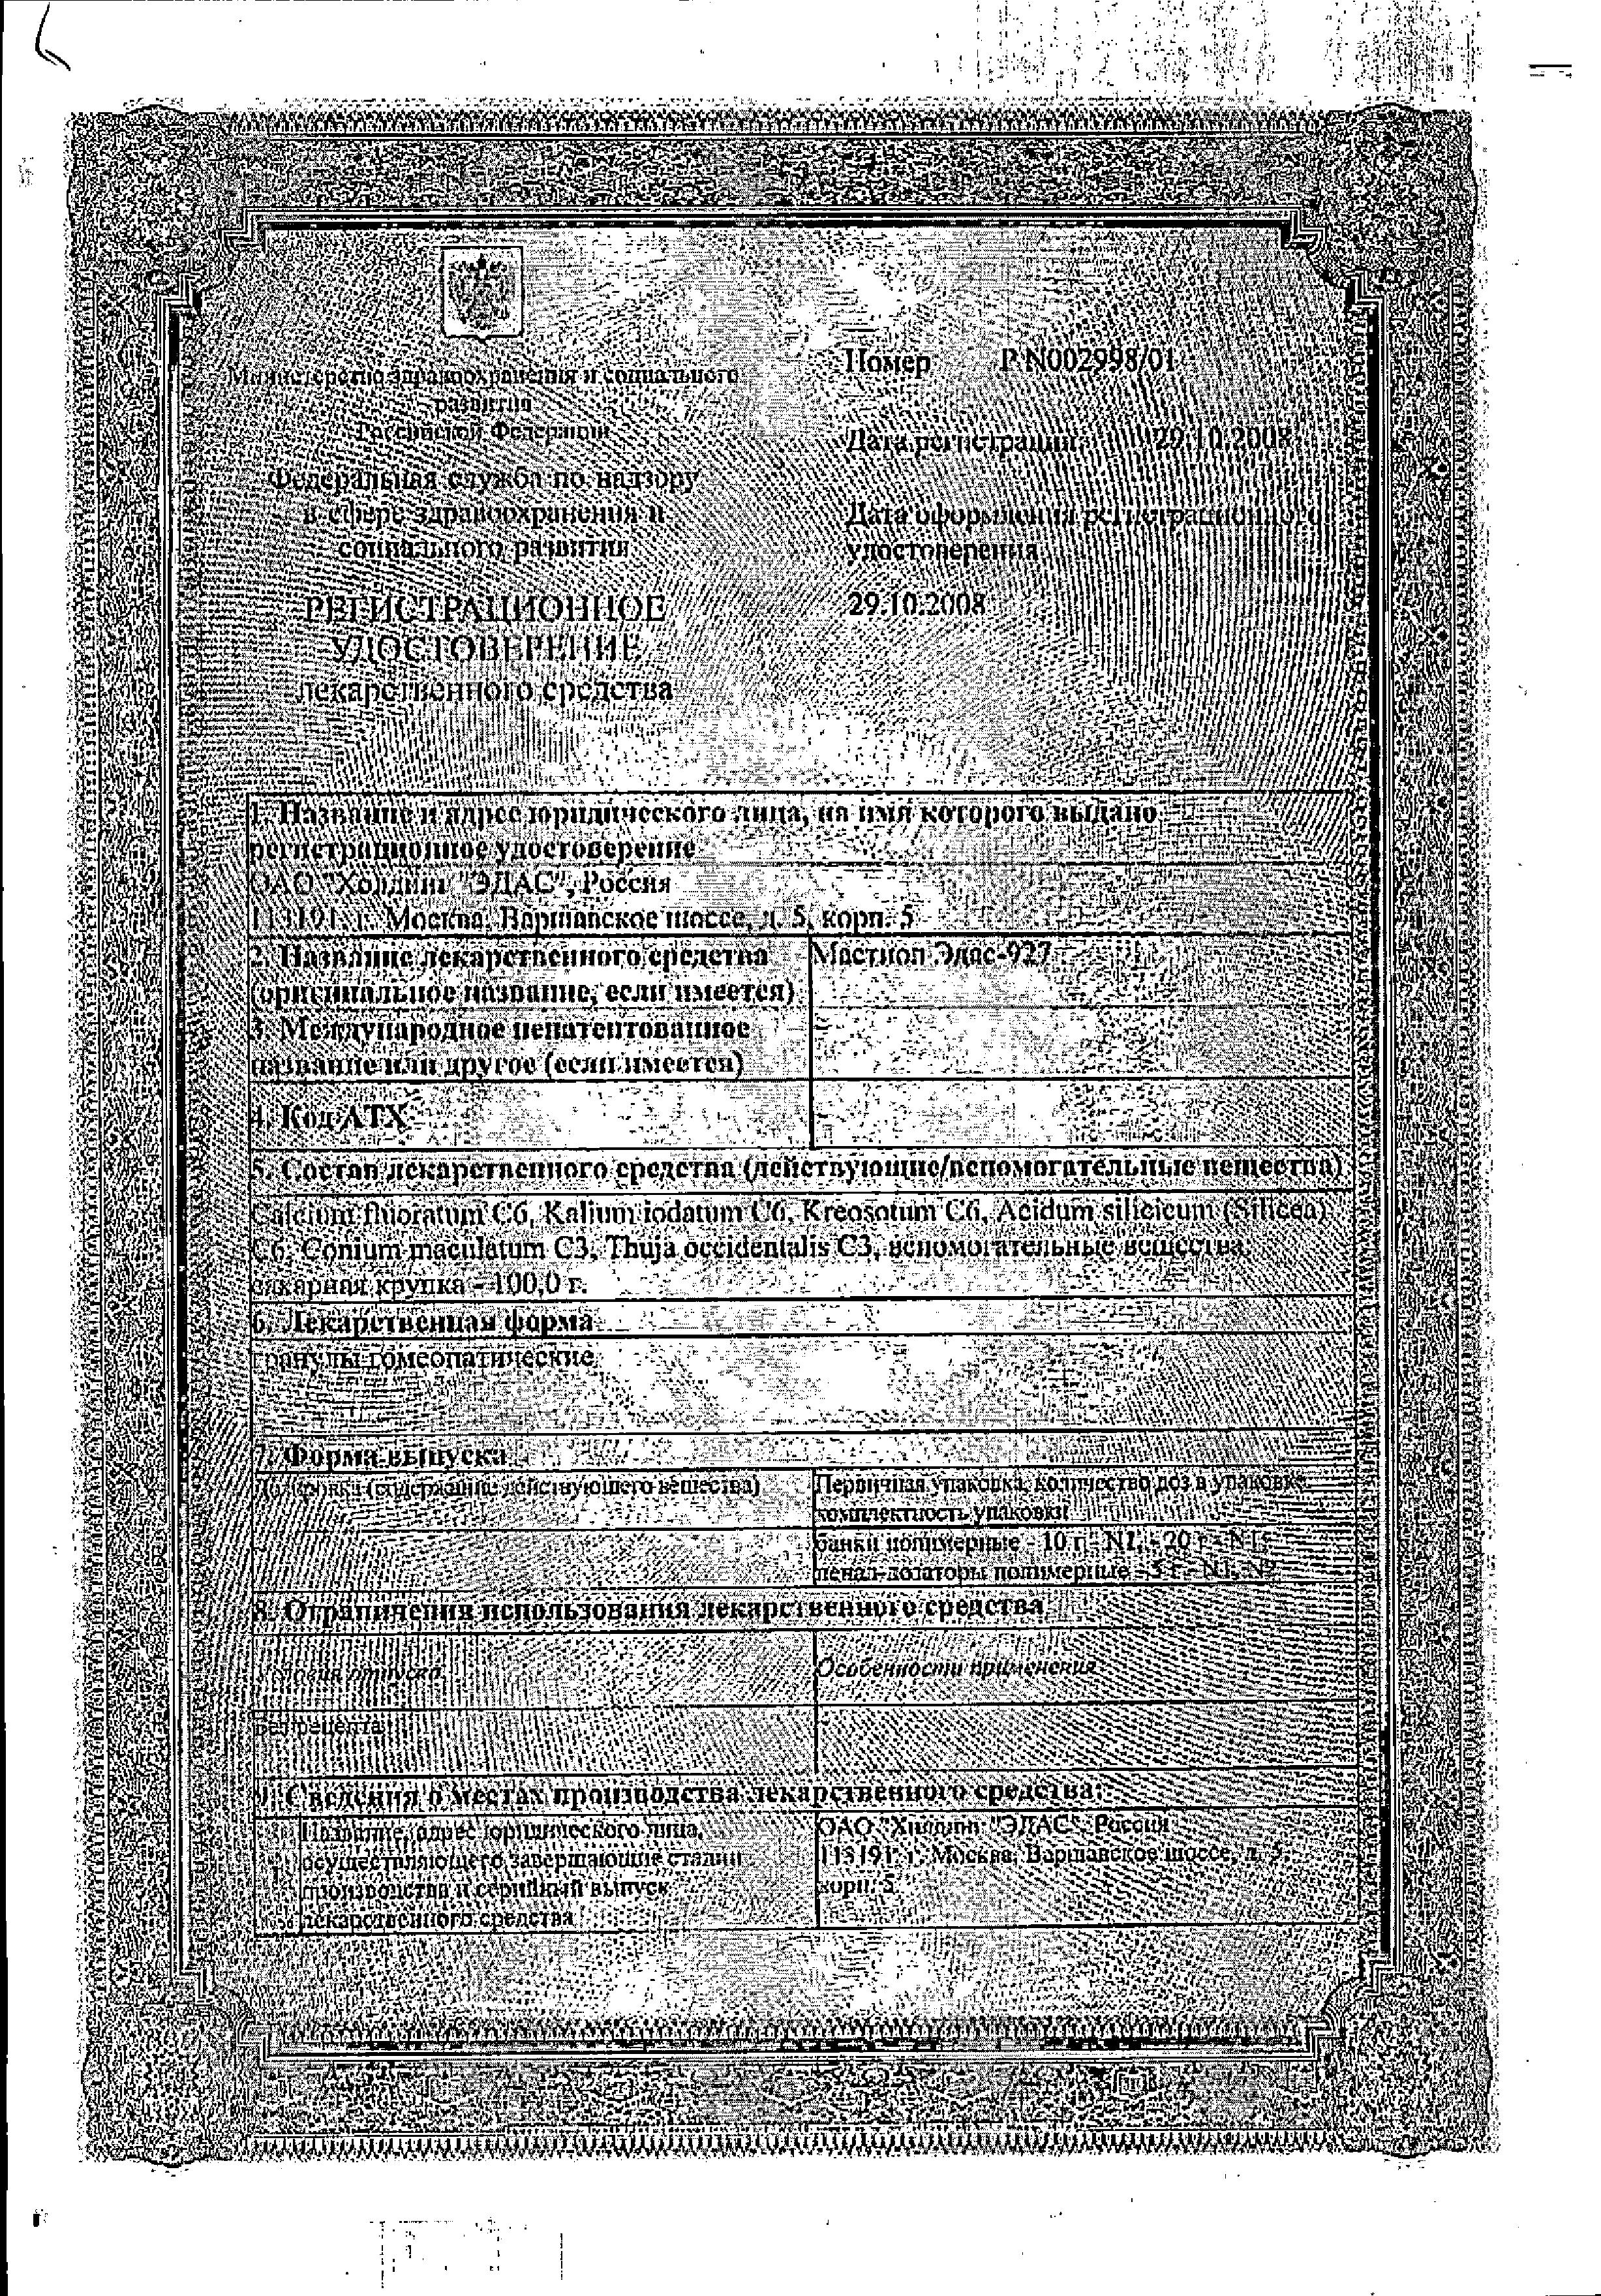 Эдас-927 Мастиол сертификат